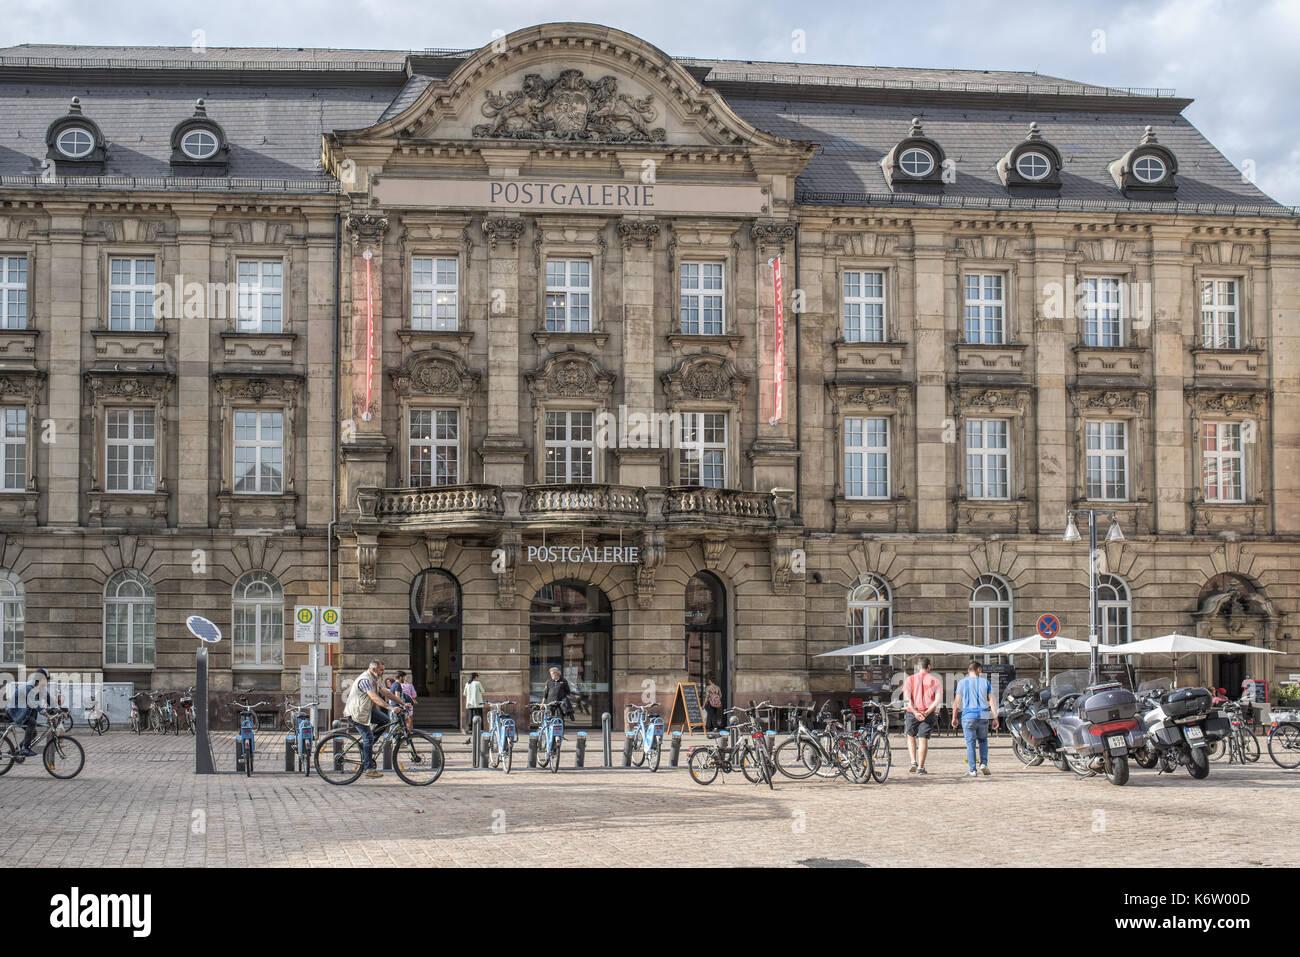 Speyer, GER, Rheinland-Pfalz - July 26, Aussenansicht der Postgalerie in Speyer, neben dem Altpörtel . - Stock Image